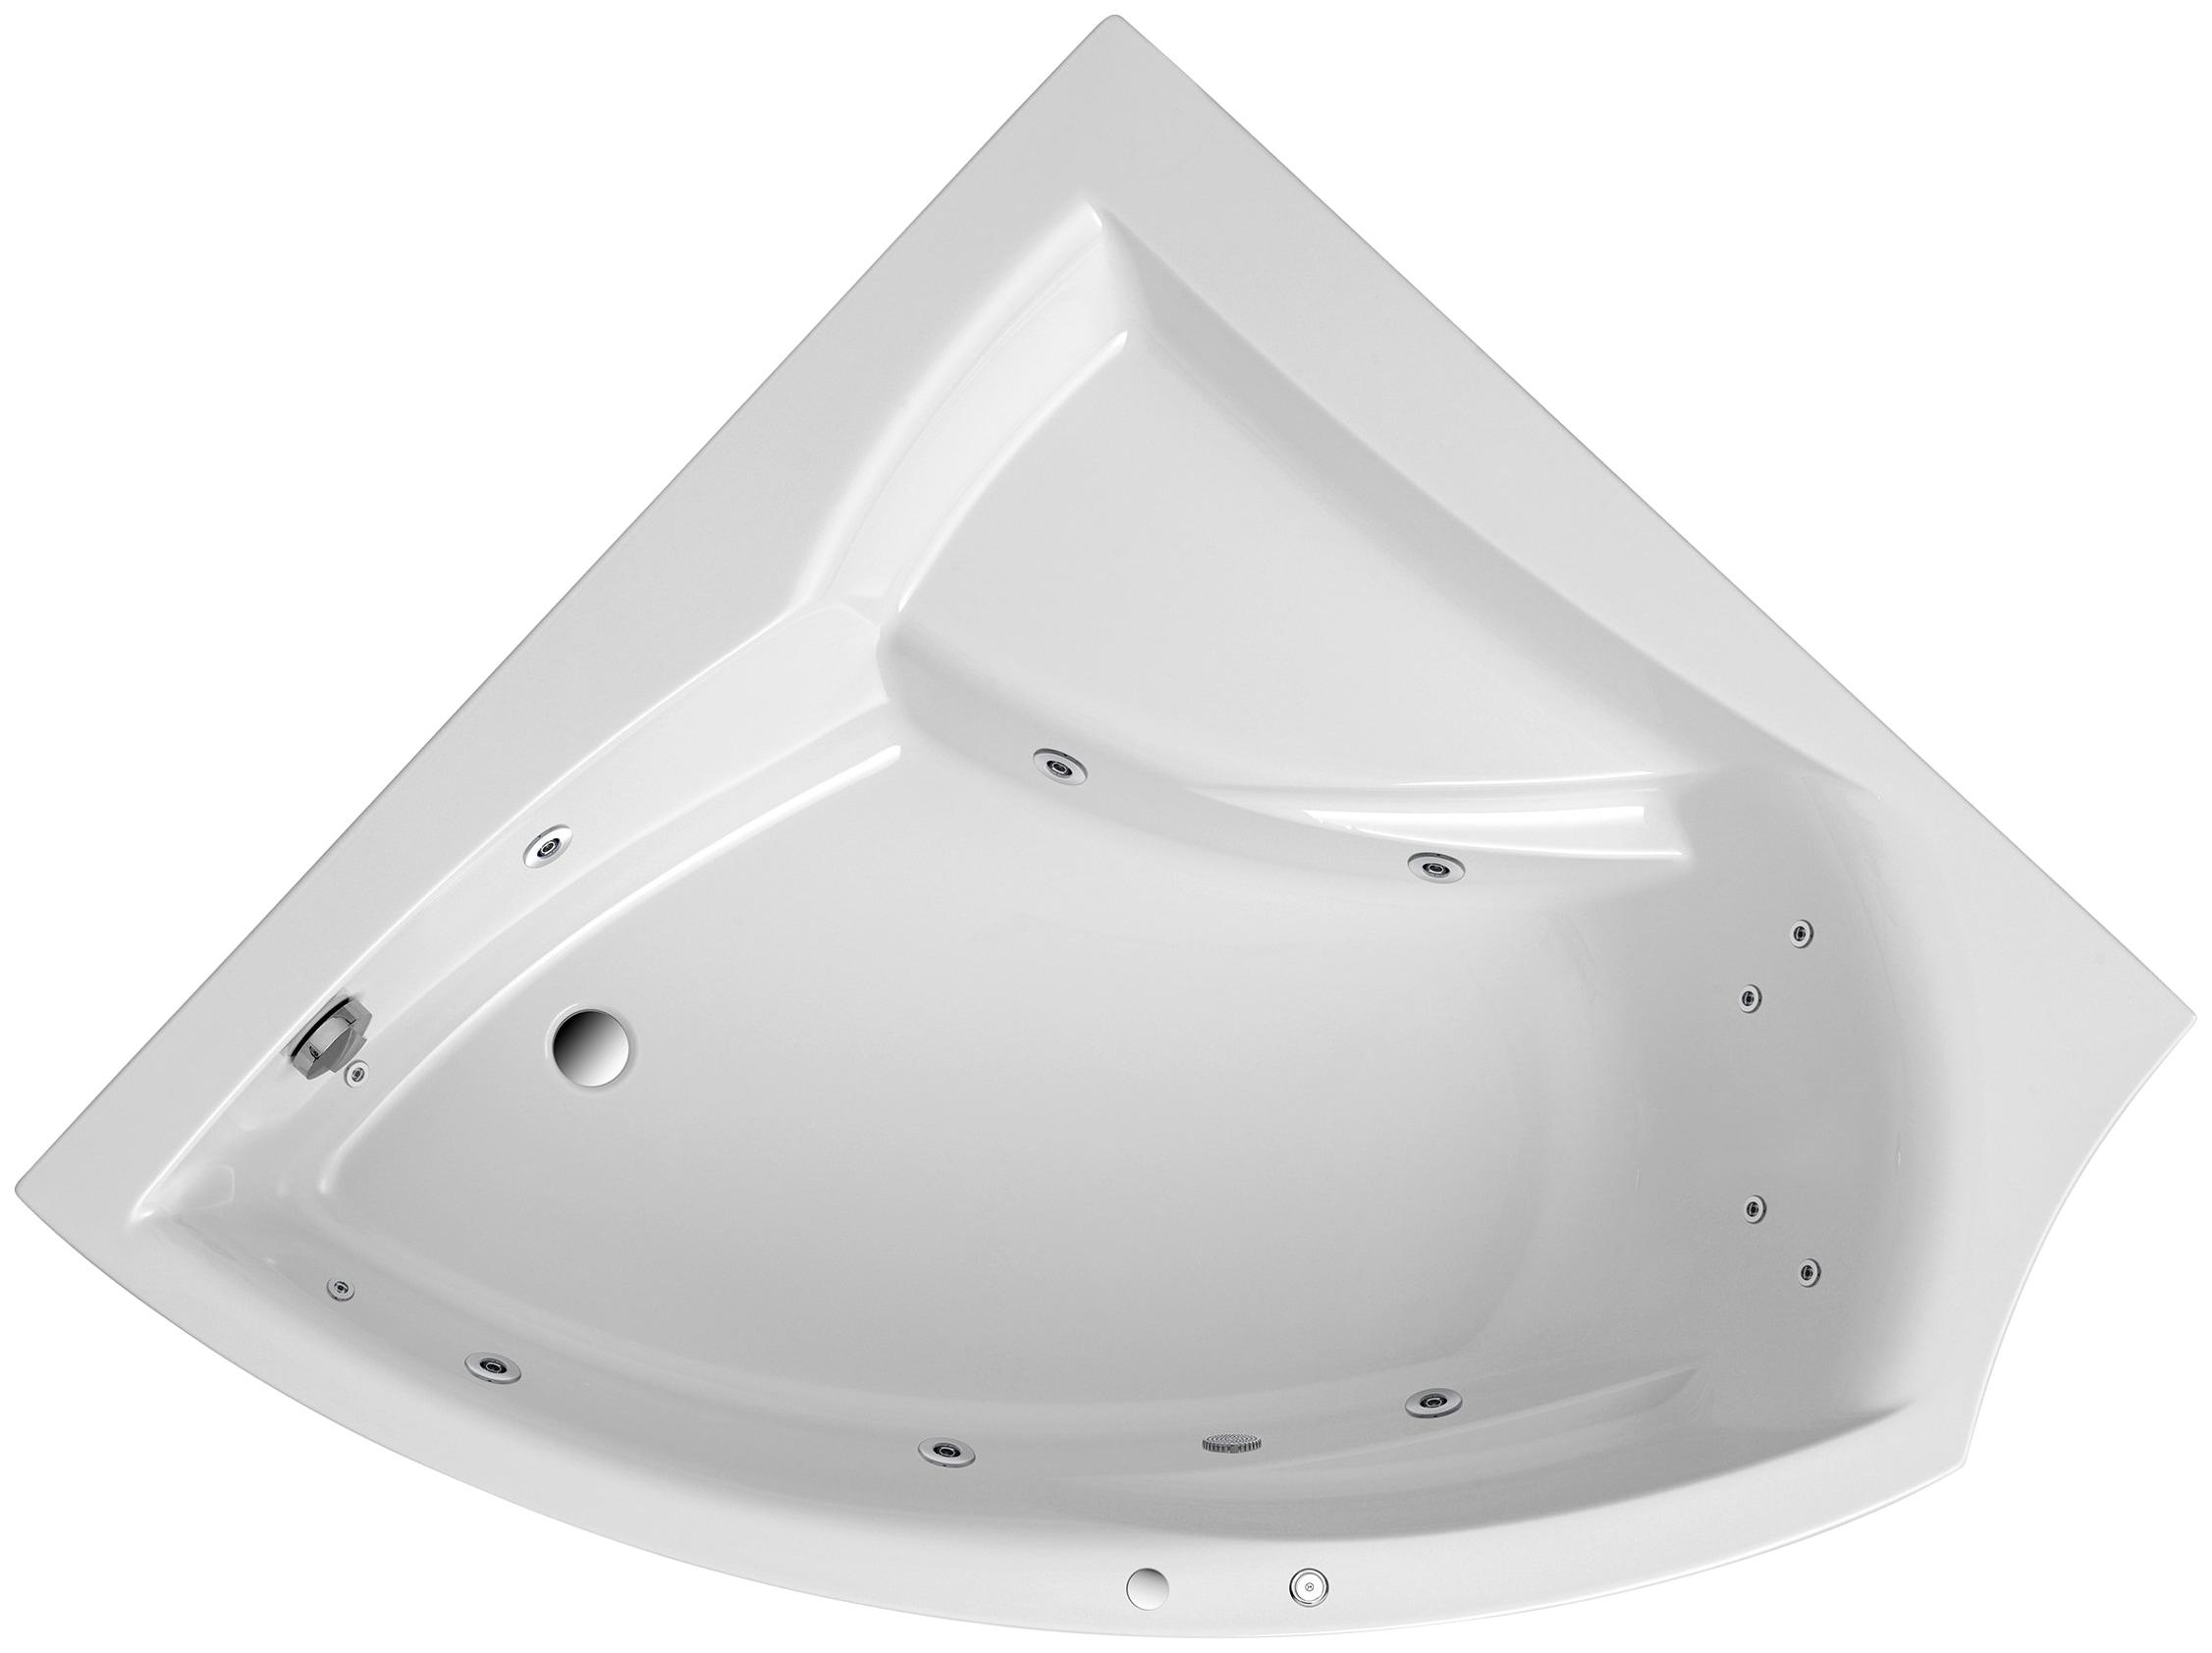 OTTOFOND Eckwanne »Aura«, B/T/H in cm: 150/150/45  inkl. Füße   Bad > Badewannen & Whirlpools > Eckbadewannen   Weiß   OTTOFOND